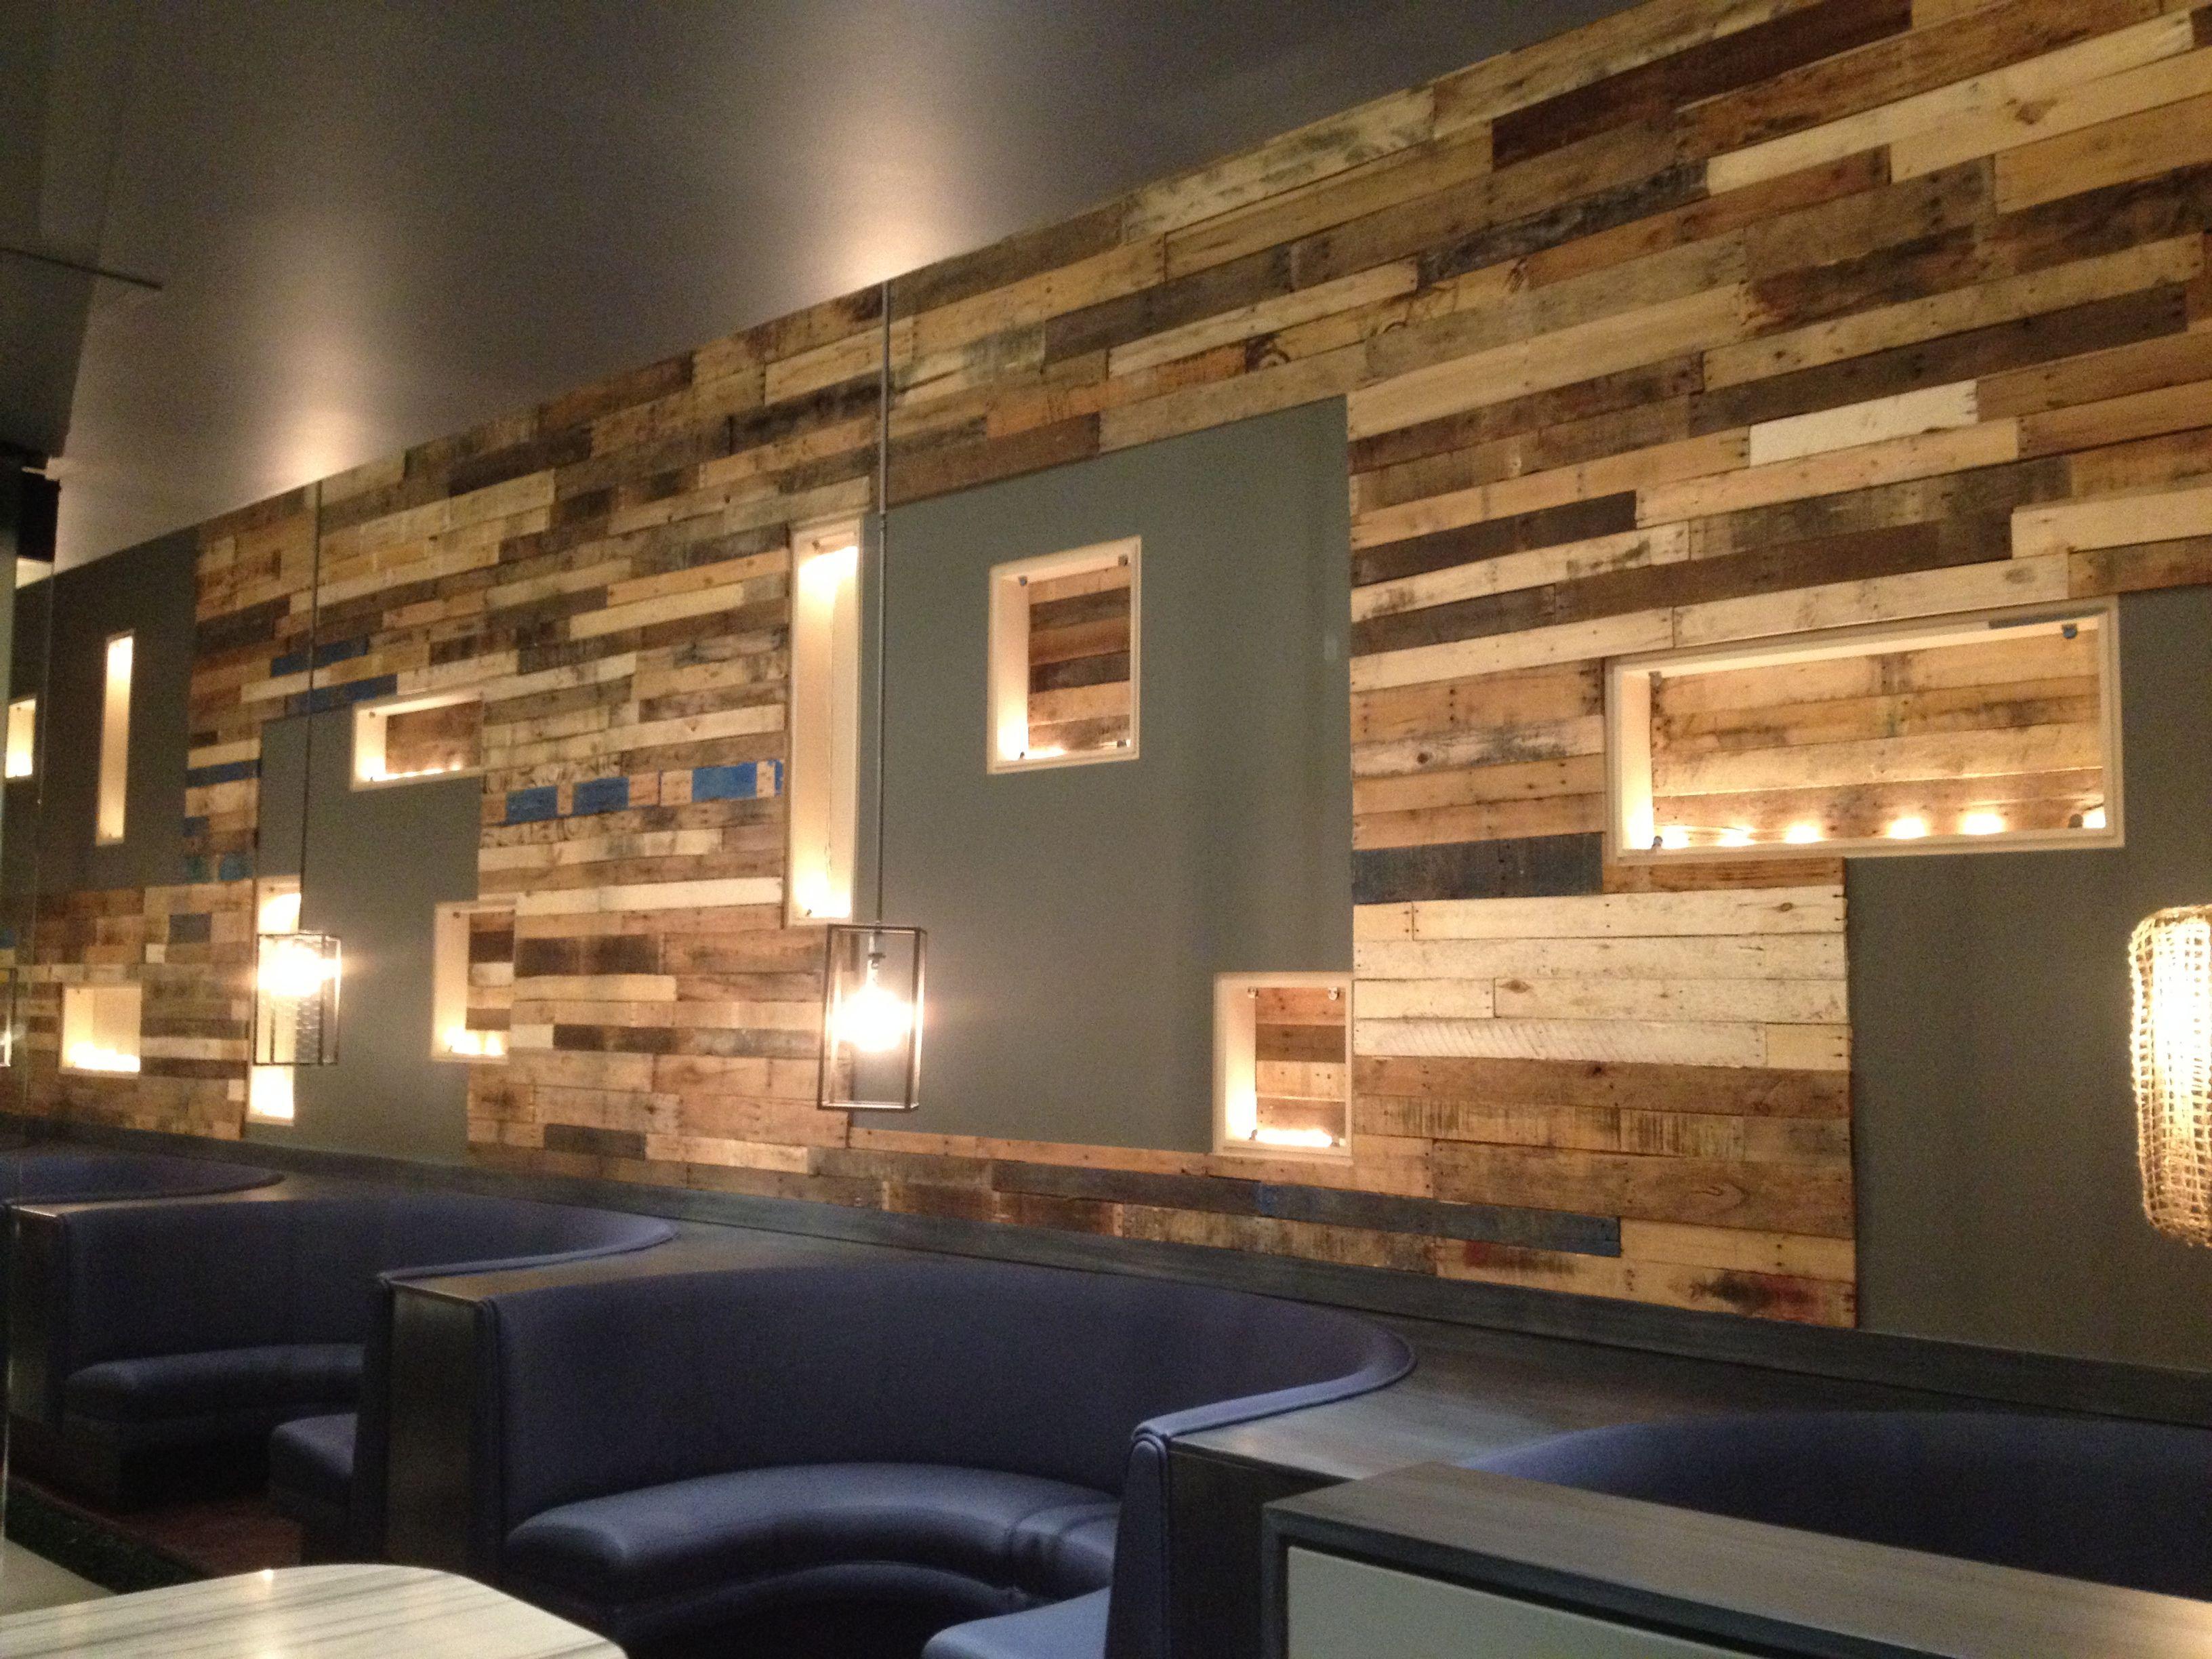 restaurant pallet wall savoie restaurant in san diego